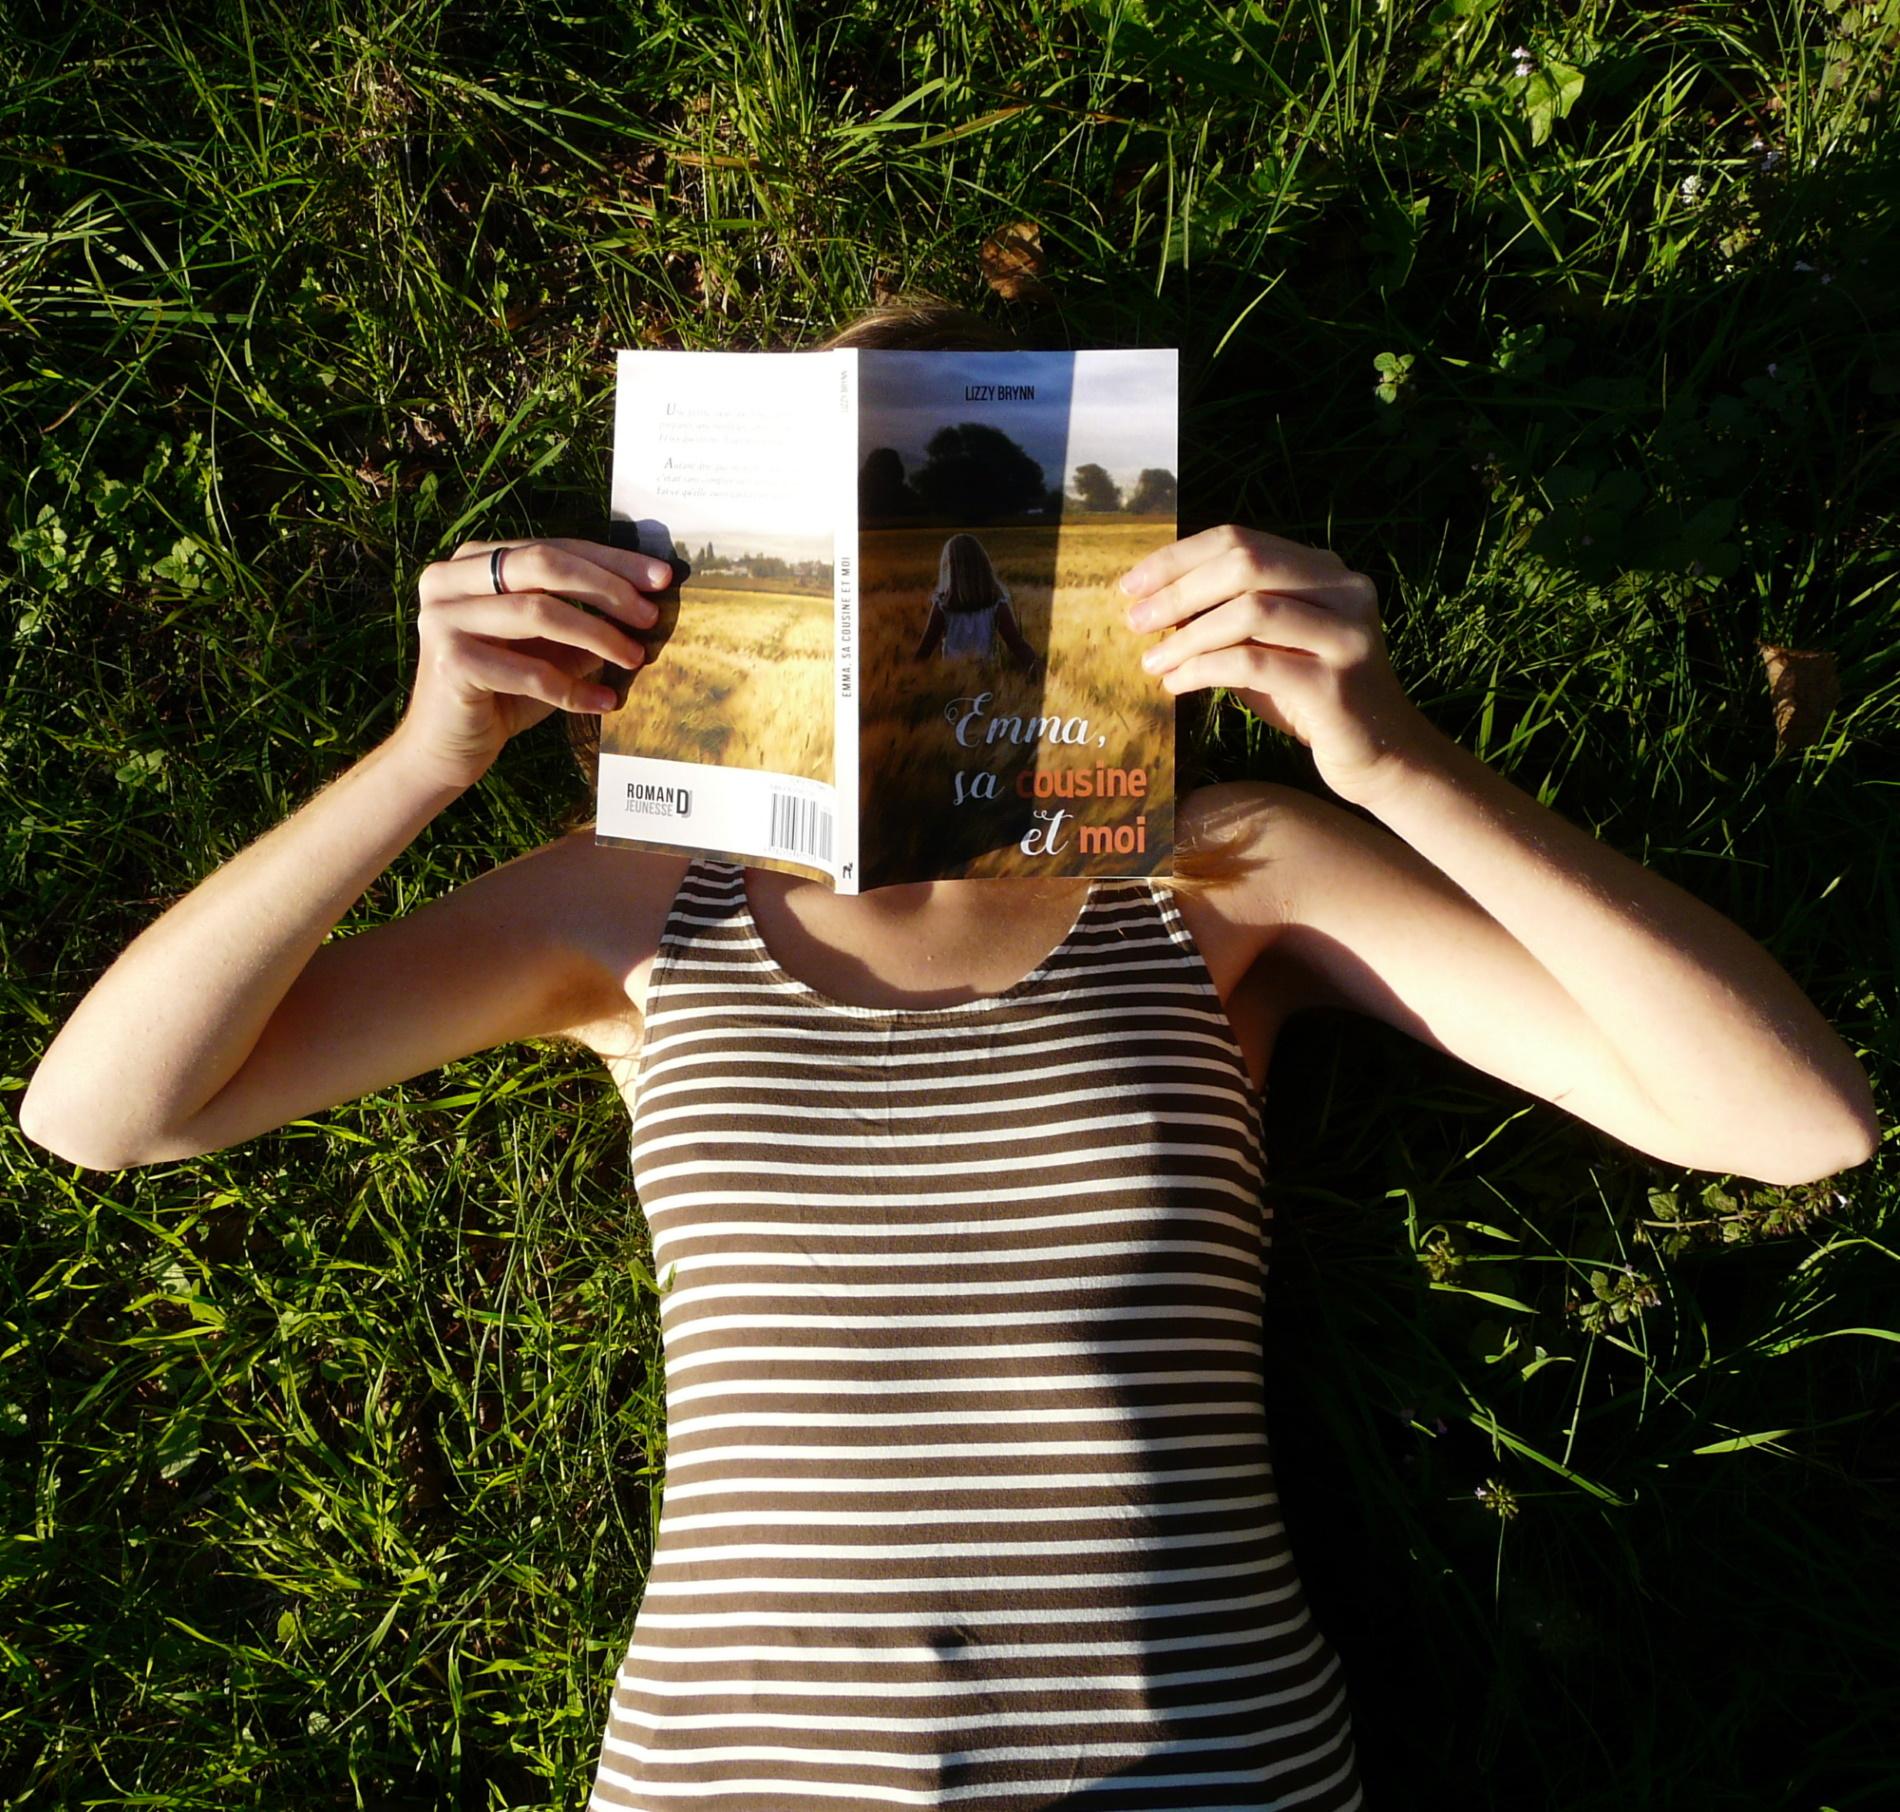 femme en débardeur rayé lisant Emma, sa Cousine et Moi de Lizzy Brynn dans l'herbe